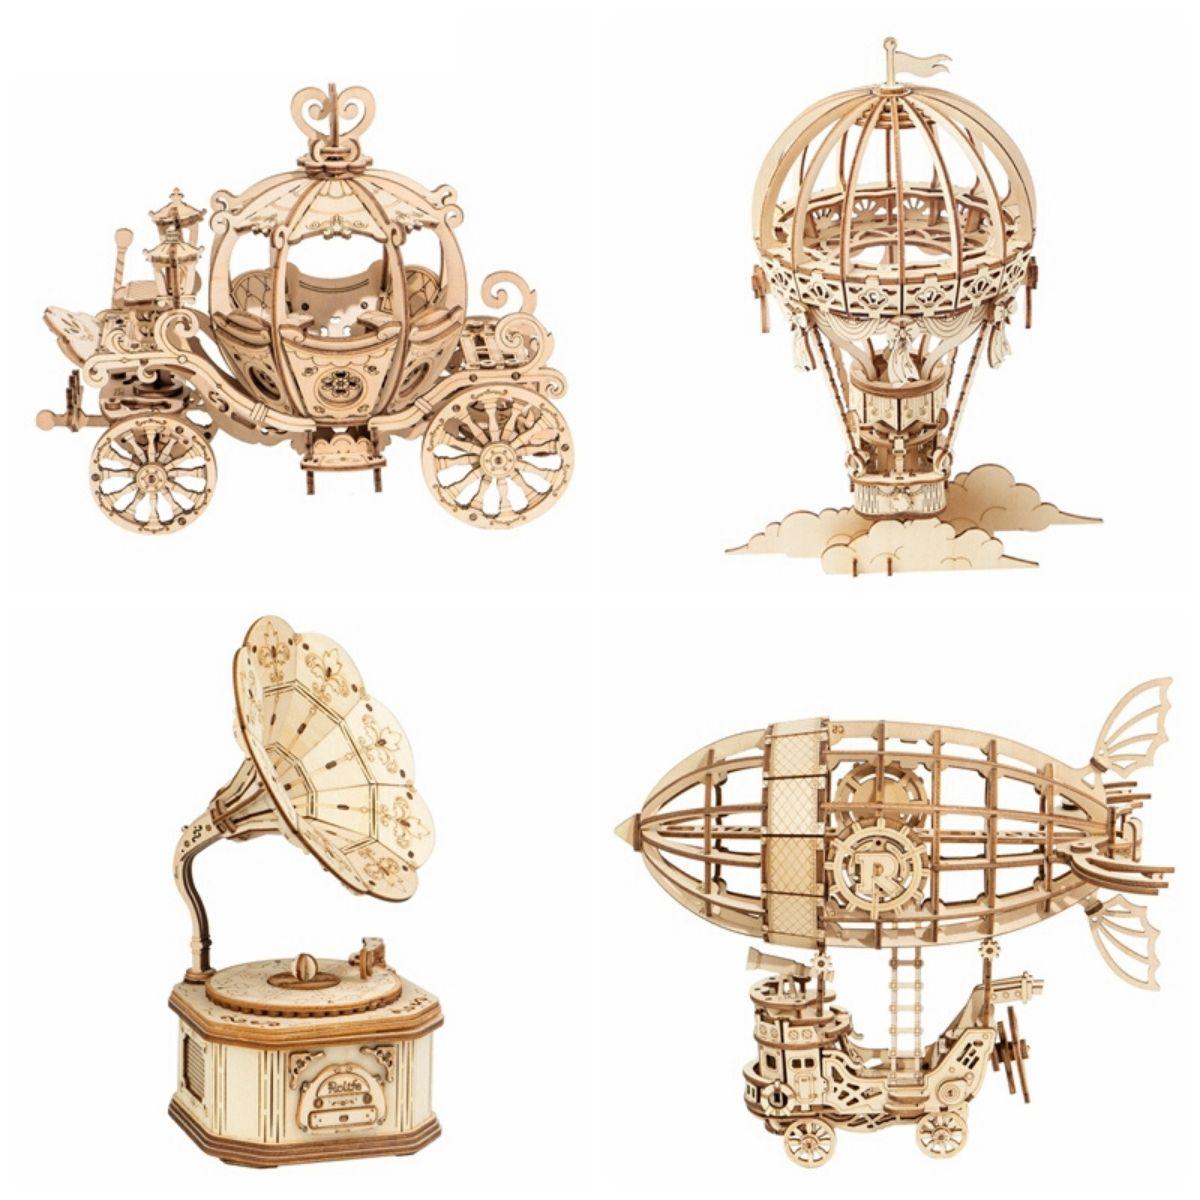 Puzzle en Bois 3D Dirigeable, Carrosse, Montgolfière, Gramophone